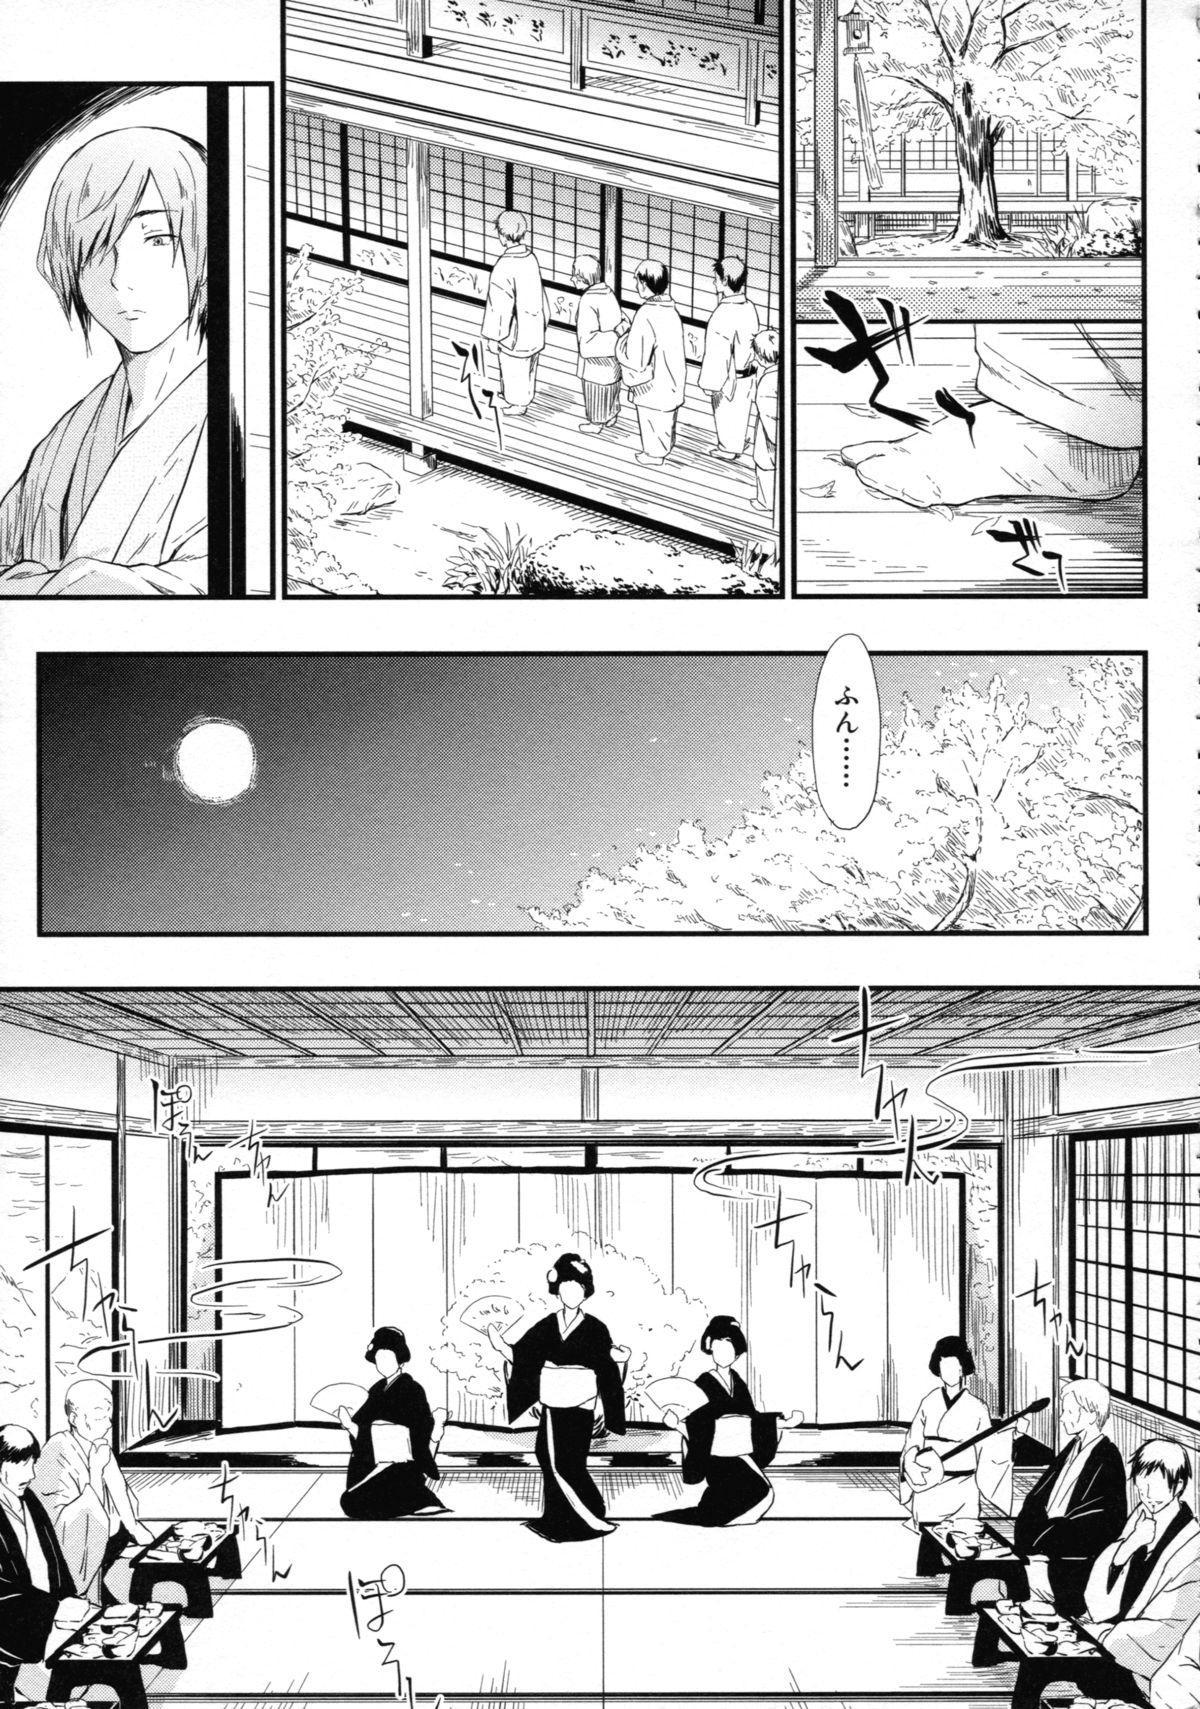 [Shiki Takuto] Tokoharu no Shoujo-tachi - The Girls in the Eternal Spring 61